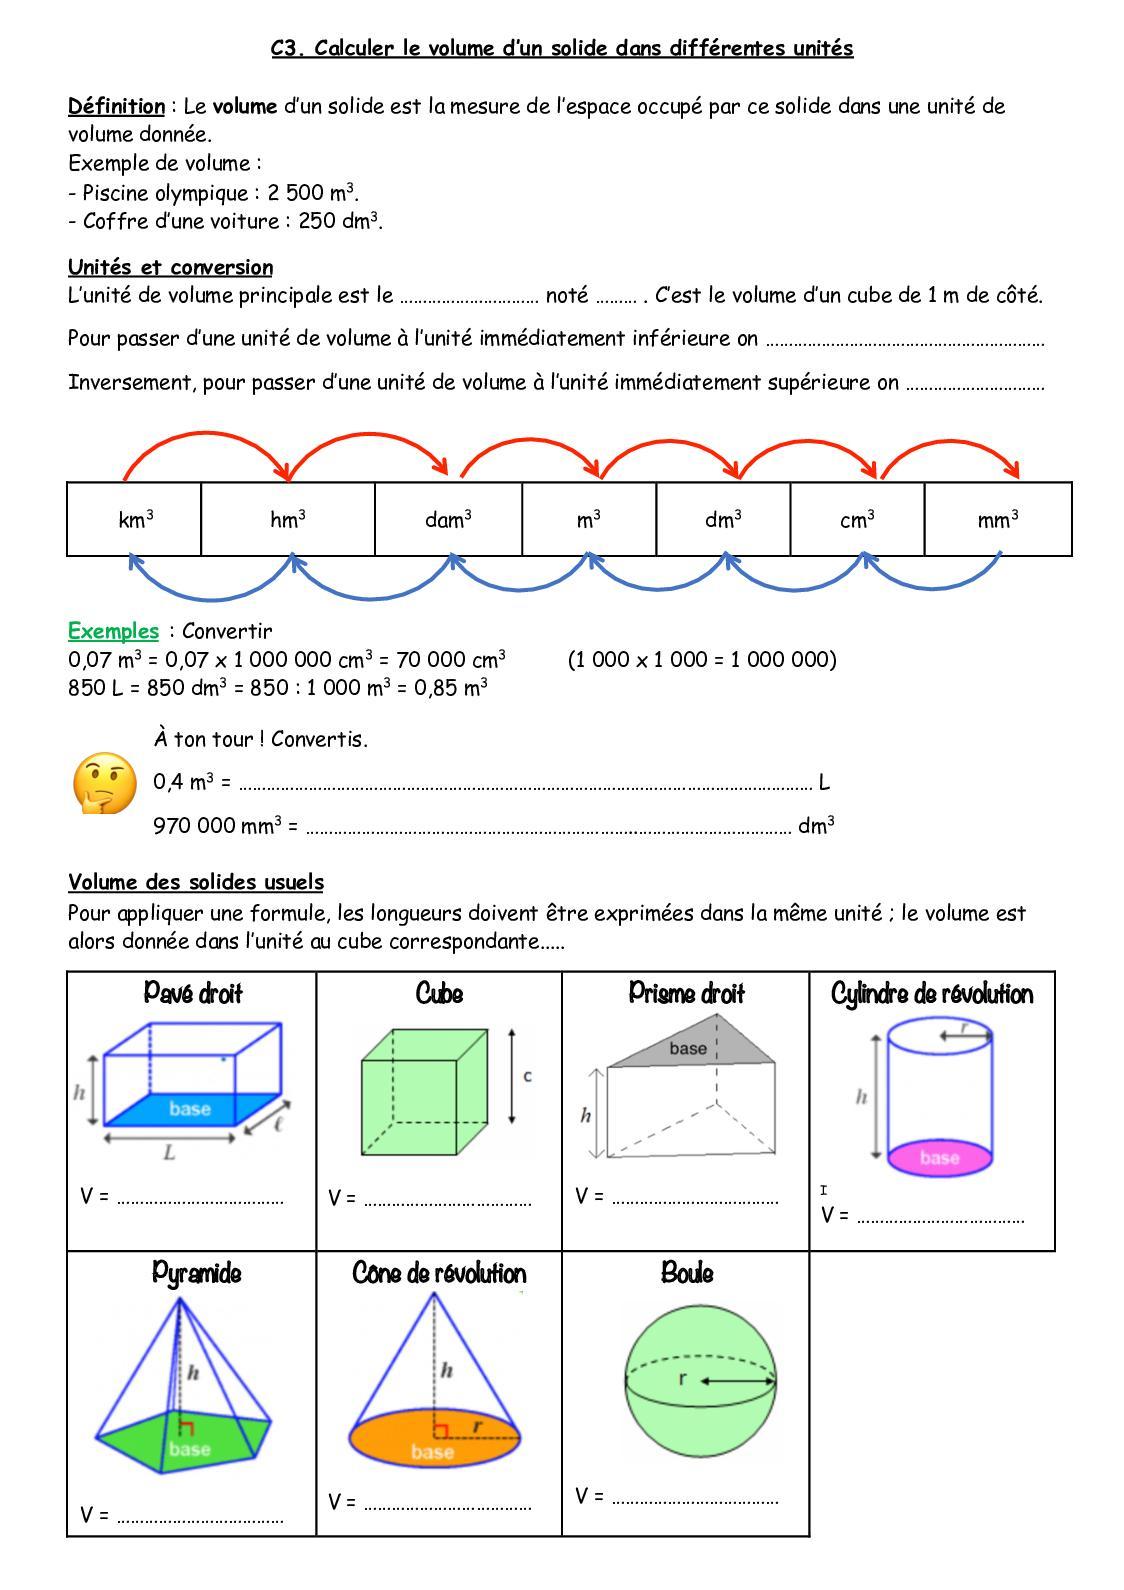 Calaméo - Cours C3 encequiconcerne Calcul M3 Piscine